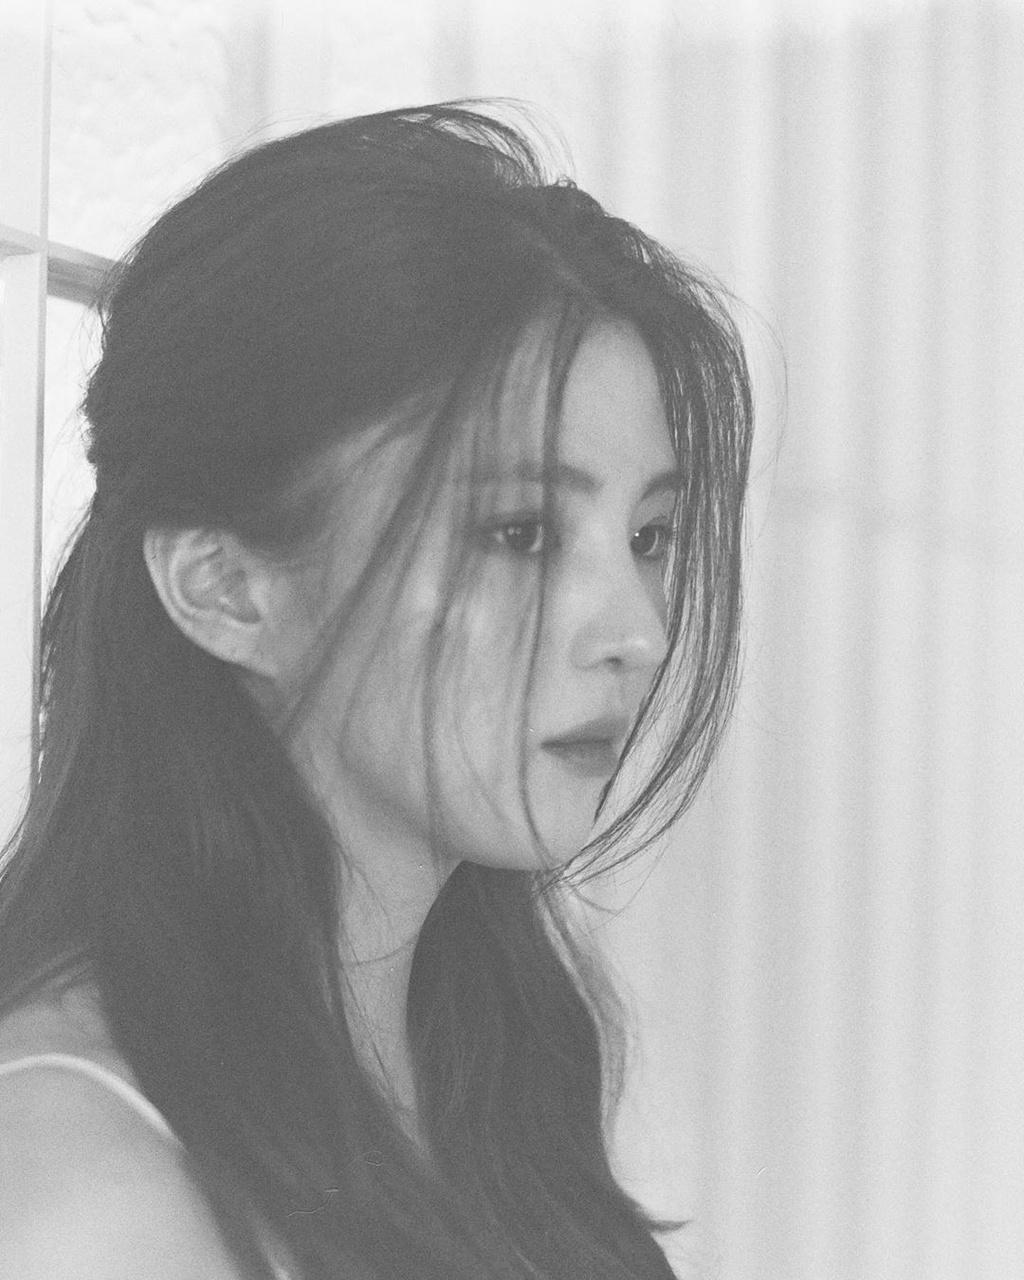 'Tiểu Song Hye Kyo' lộ ảnh ăn chơi, nổi loạn trong quá khứ - Ảnh 8